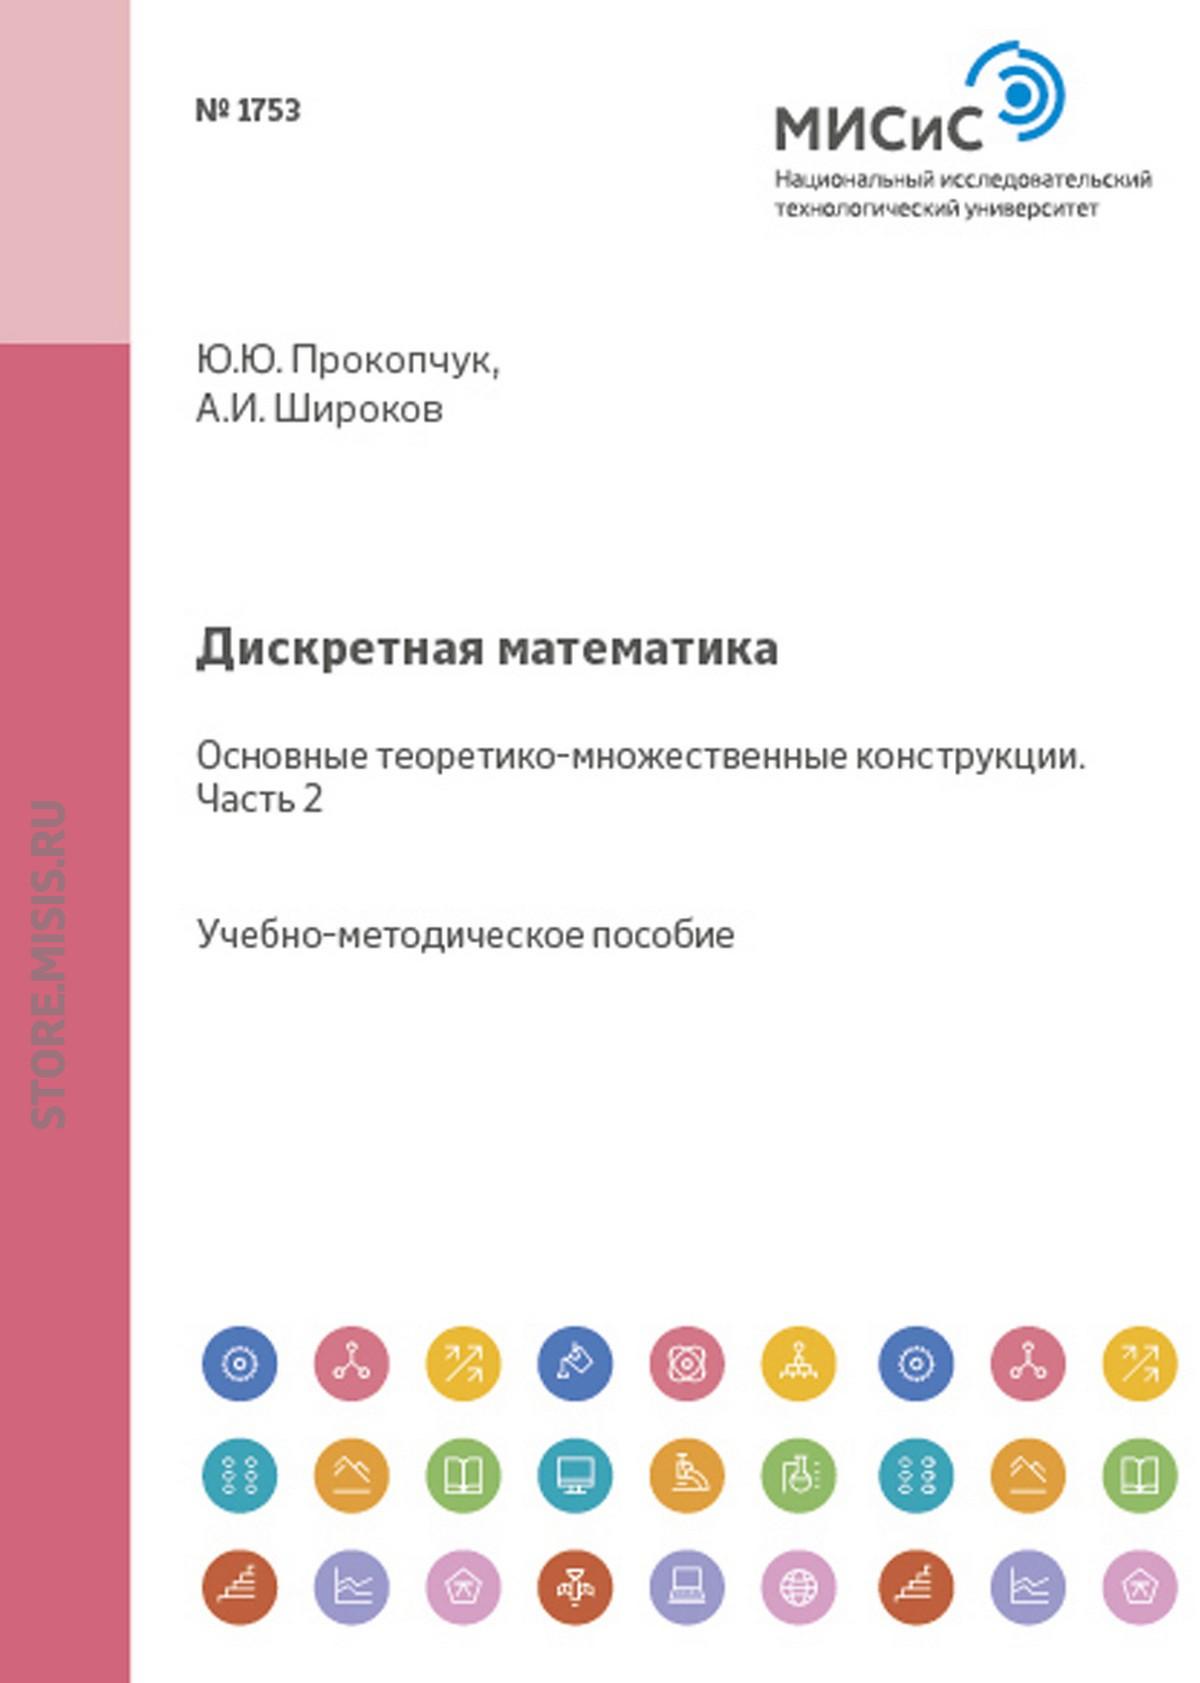 А. И. Широков Дискретная математика. Основные теоретико-множественные конструкции. Часть II а и широков дискретная математика основные теоретико множественные конструкции часть v